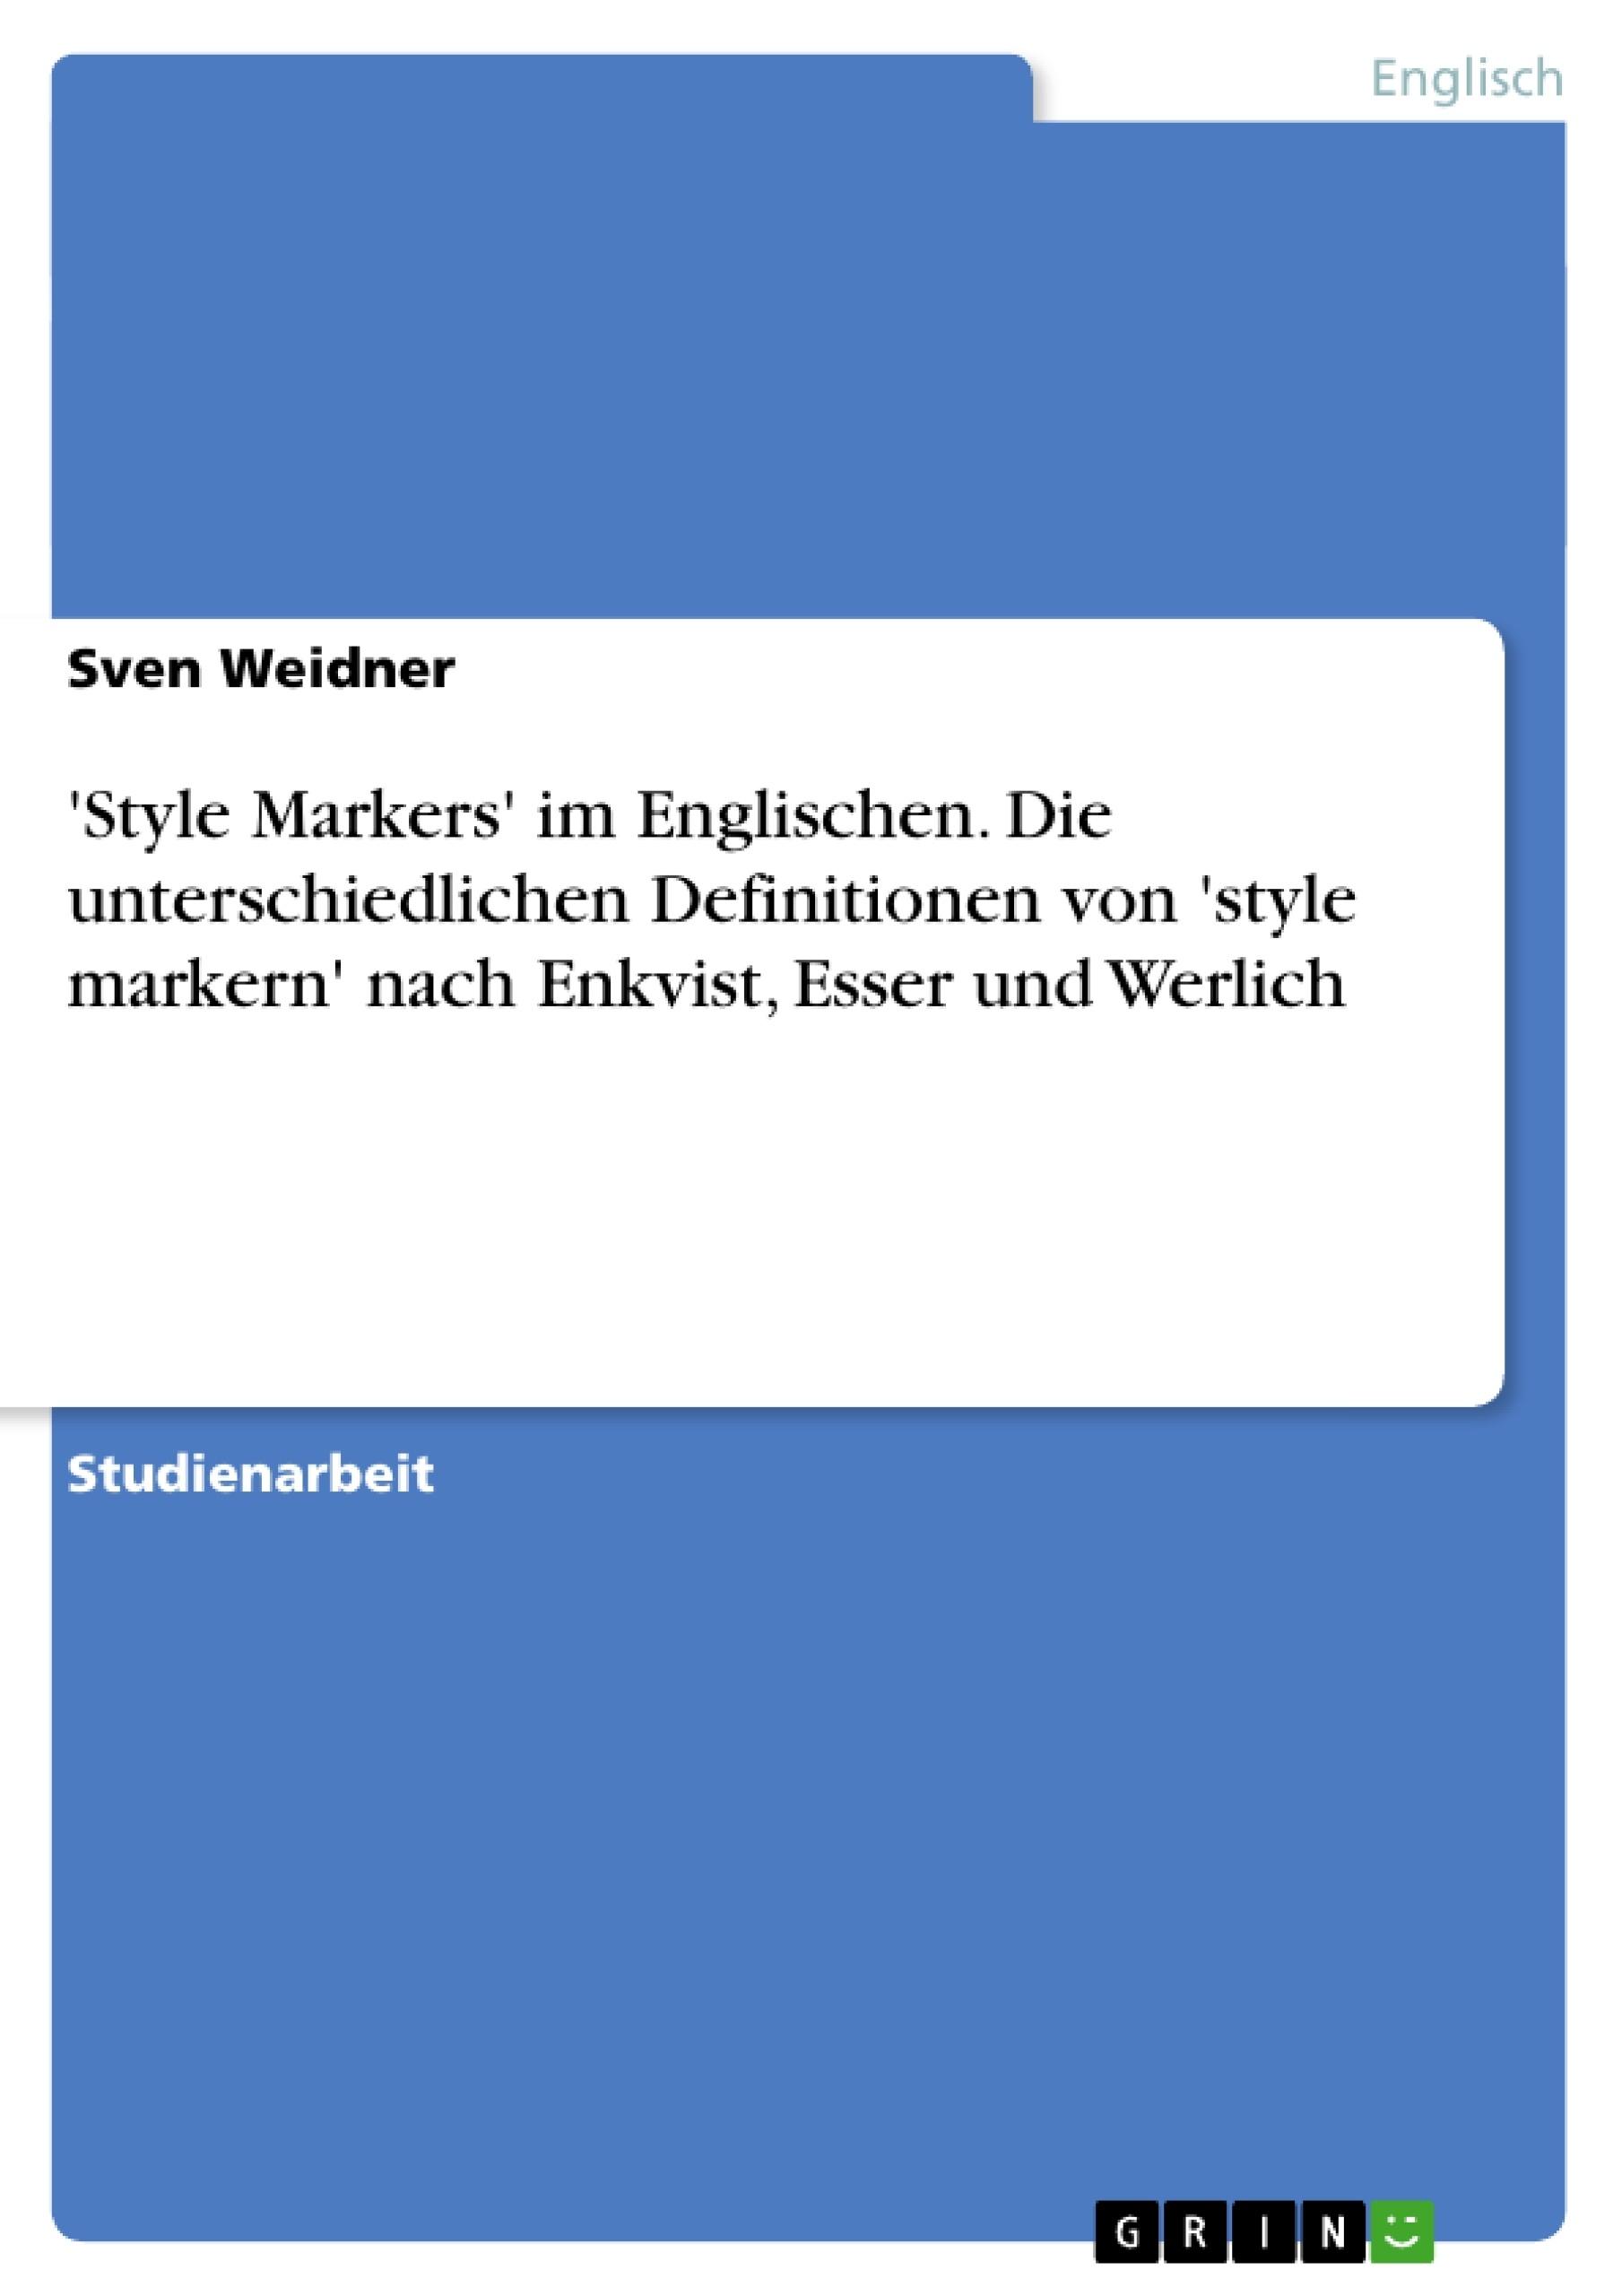 Titel: 'Style Markers' im Englischen. Die unterschiedlichen Definitionen von 'style markern' nach Enkvist, Esser und Werlich